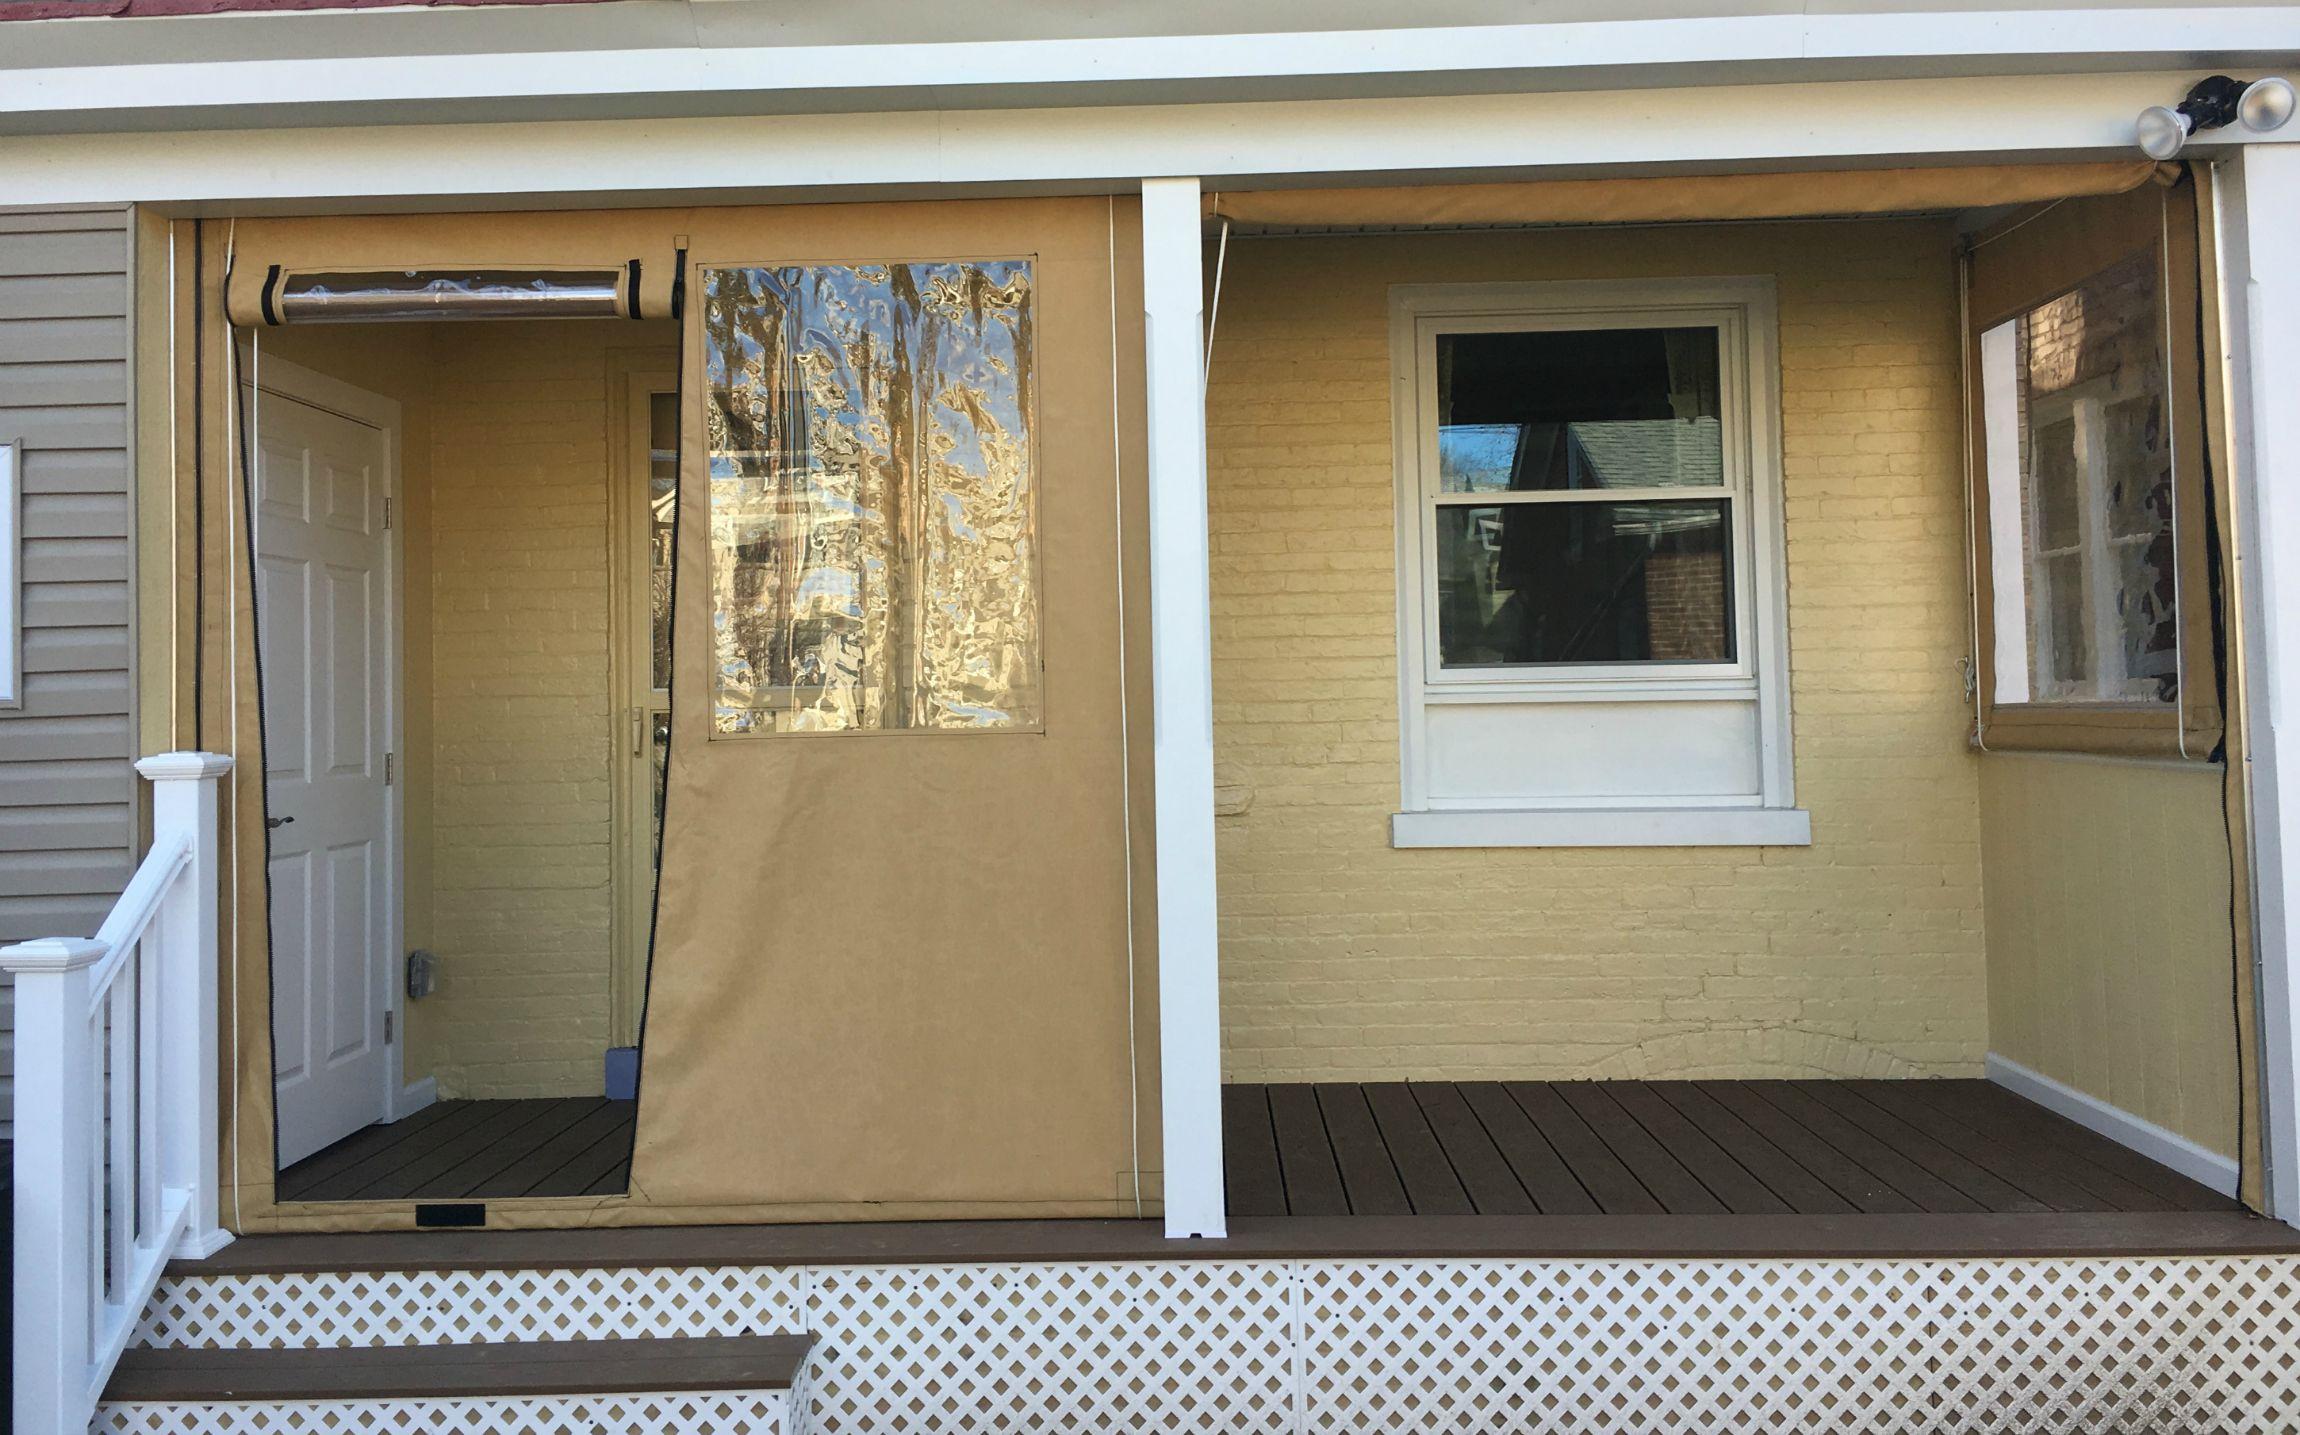 Clear Vinyl Drop Curtains On A Porch Zippered Door Sunbrella